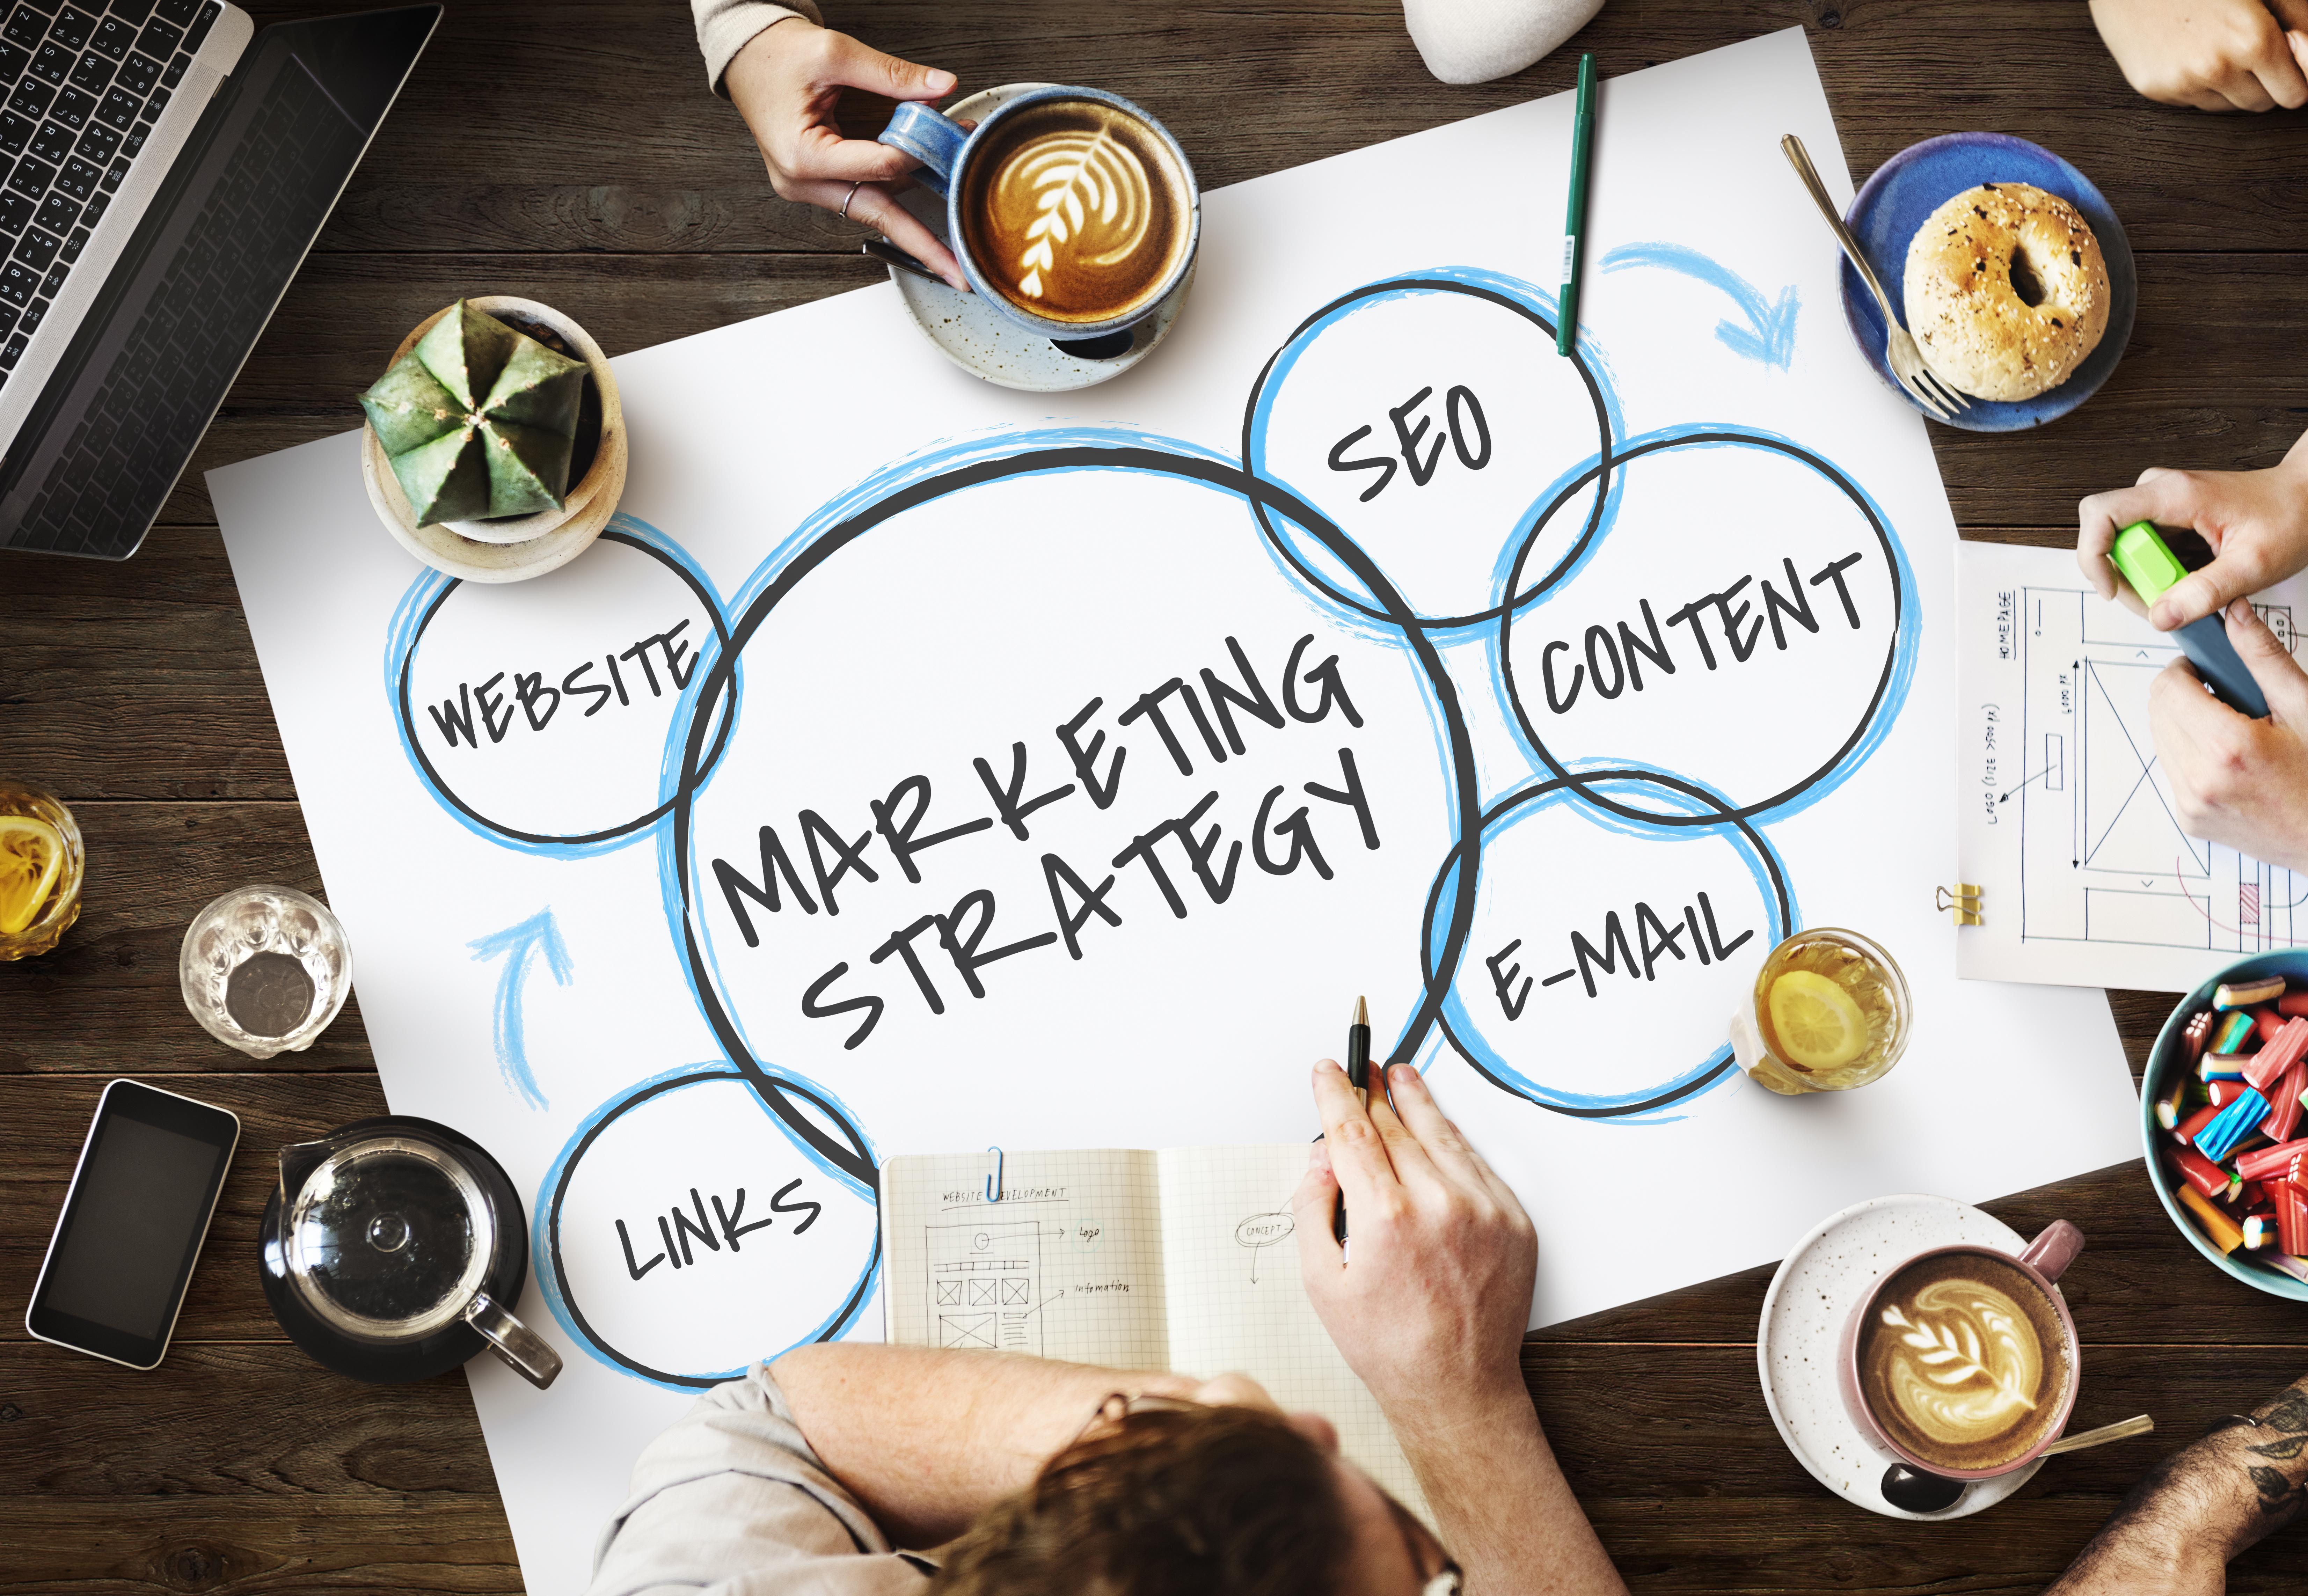 イベント企画マーケティング